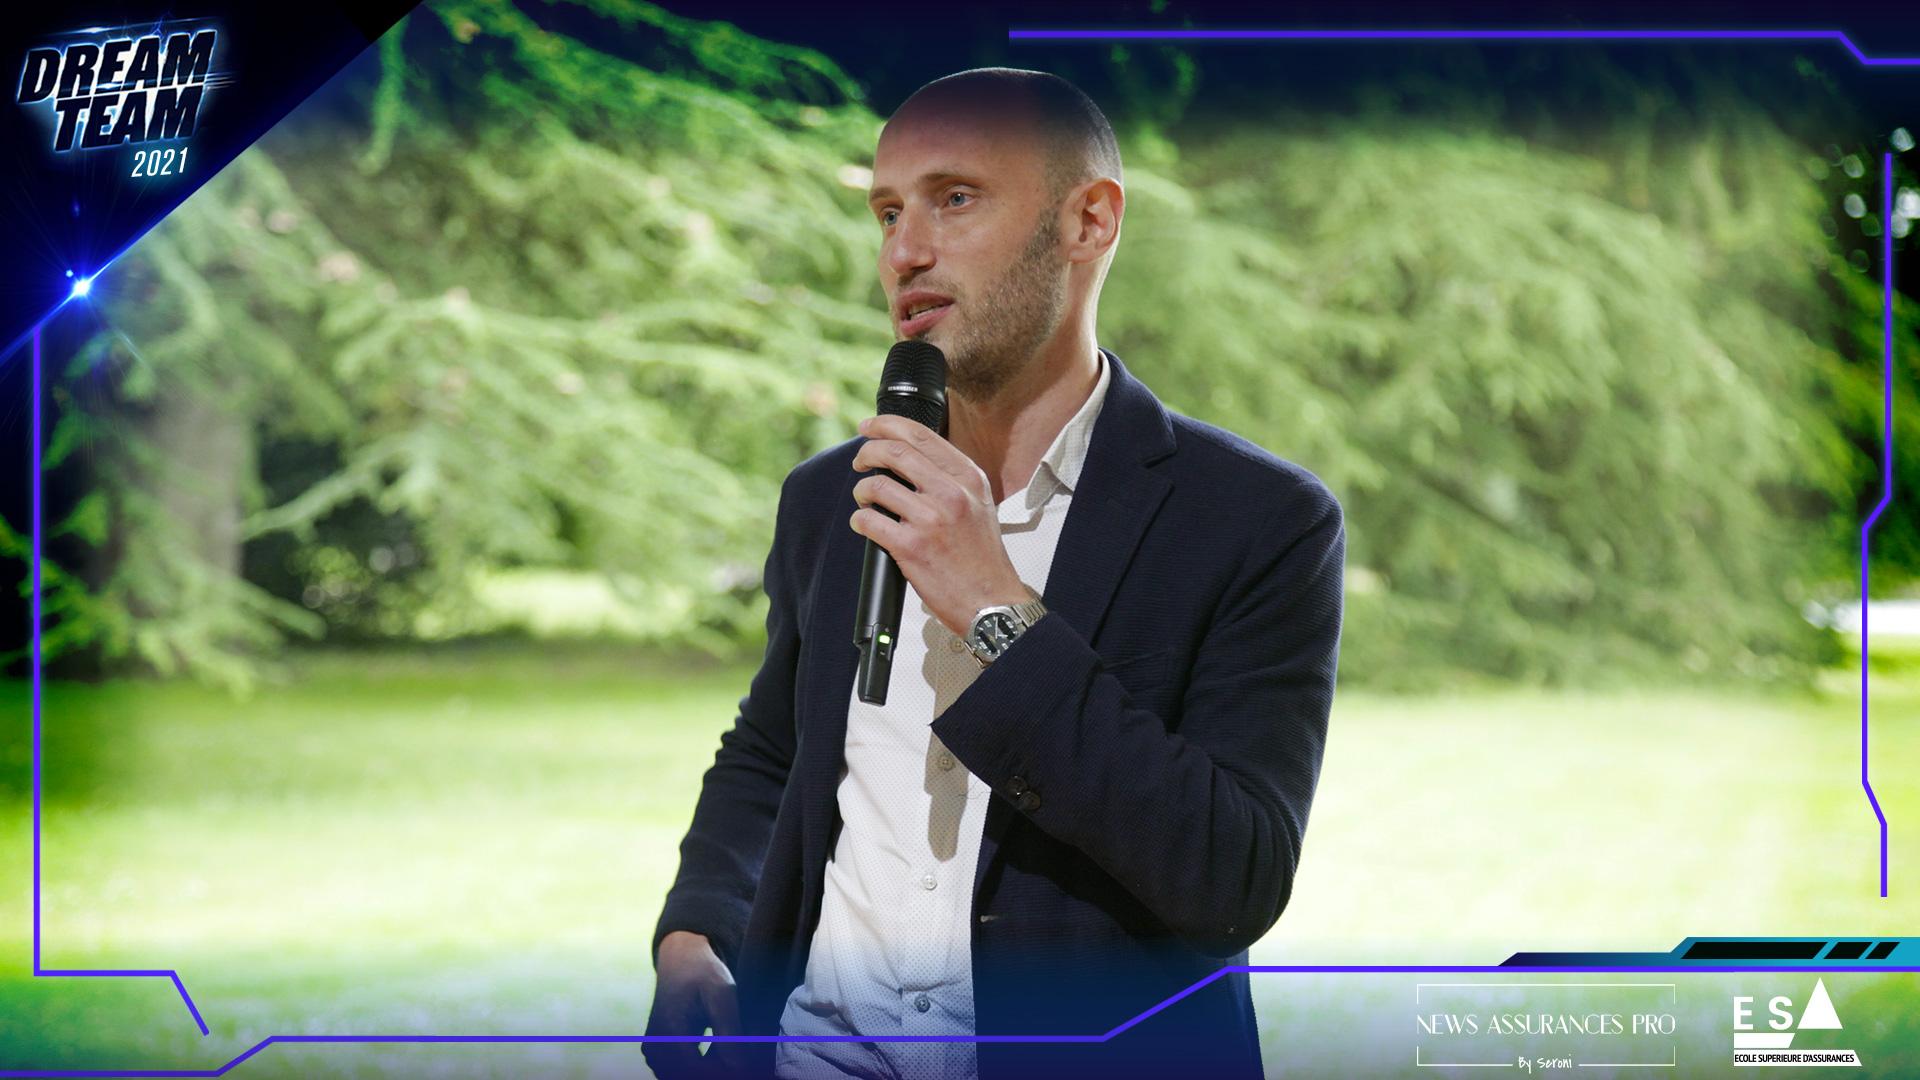 Photo 2 de la cérémonie des lauréats 2021